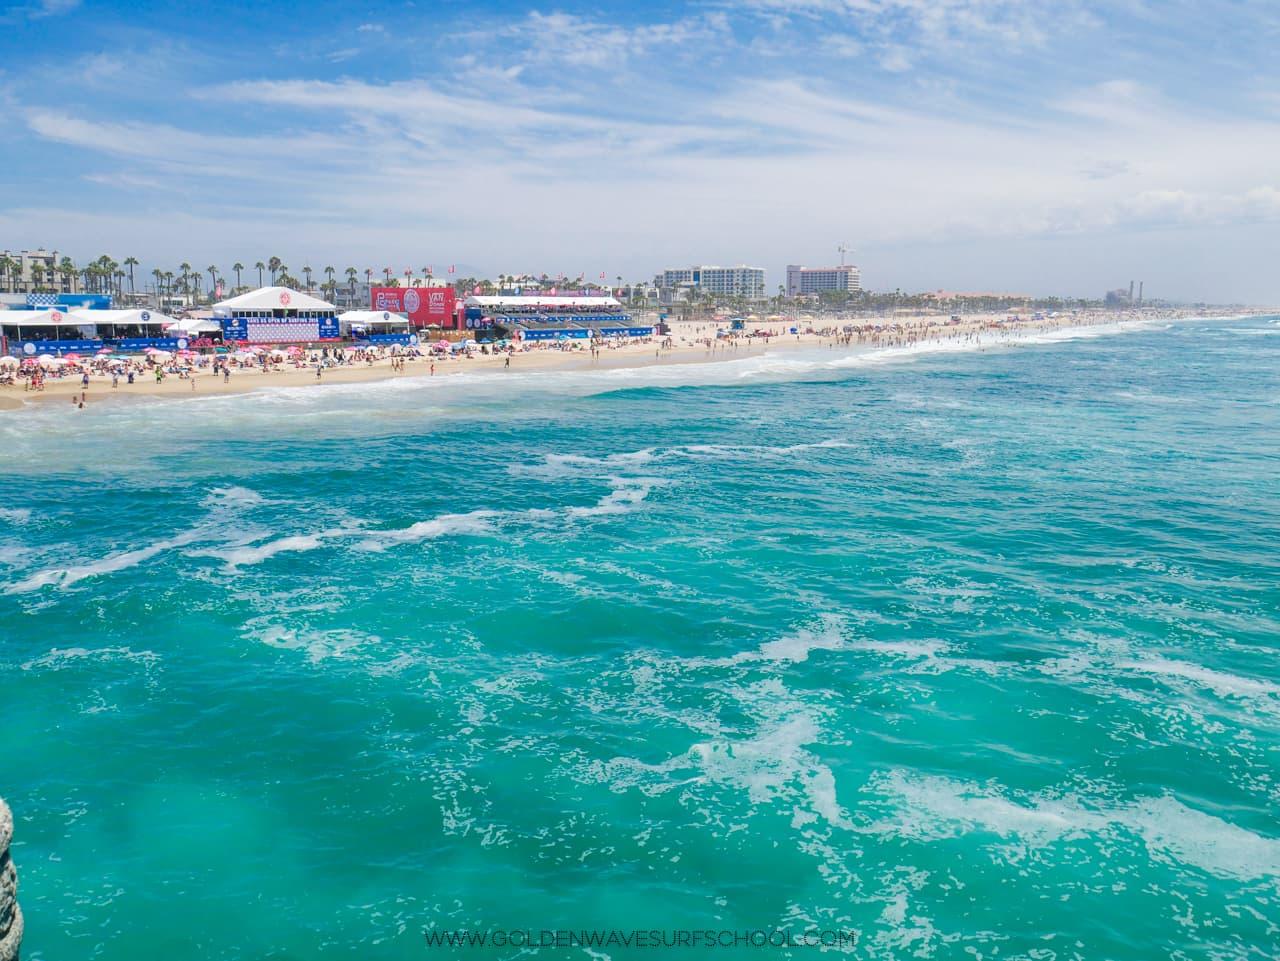 Серфинг в Южной Калифорнии, серф спорты, профессиональные серферы